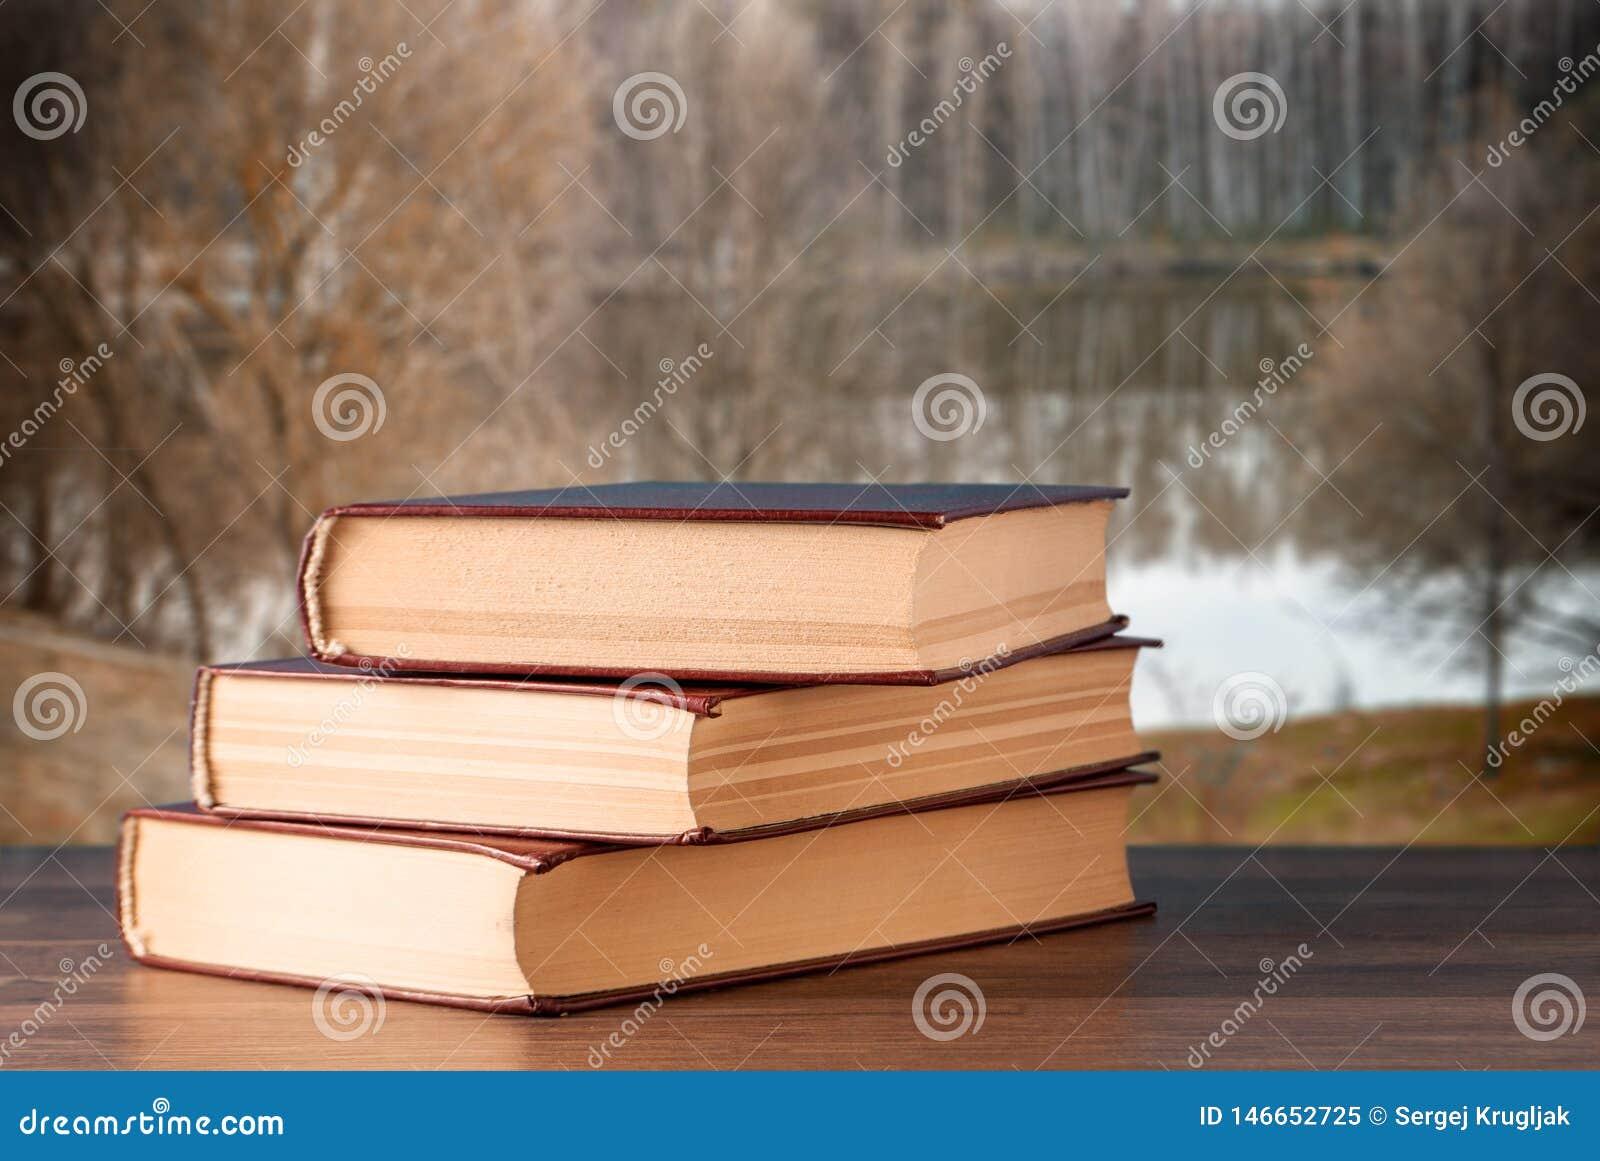 Trois livres sur le bureau sur le fond